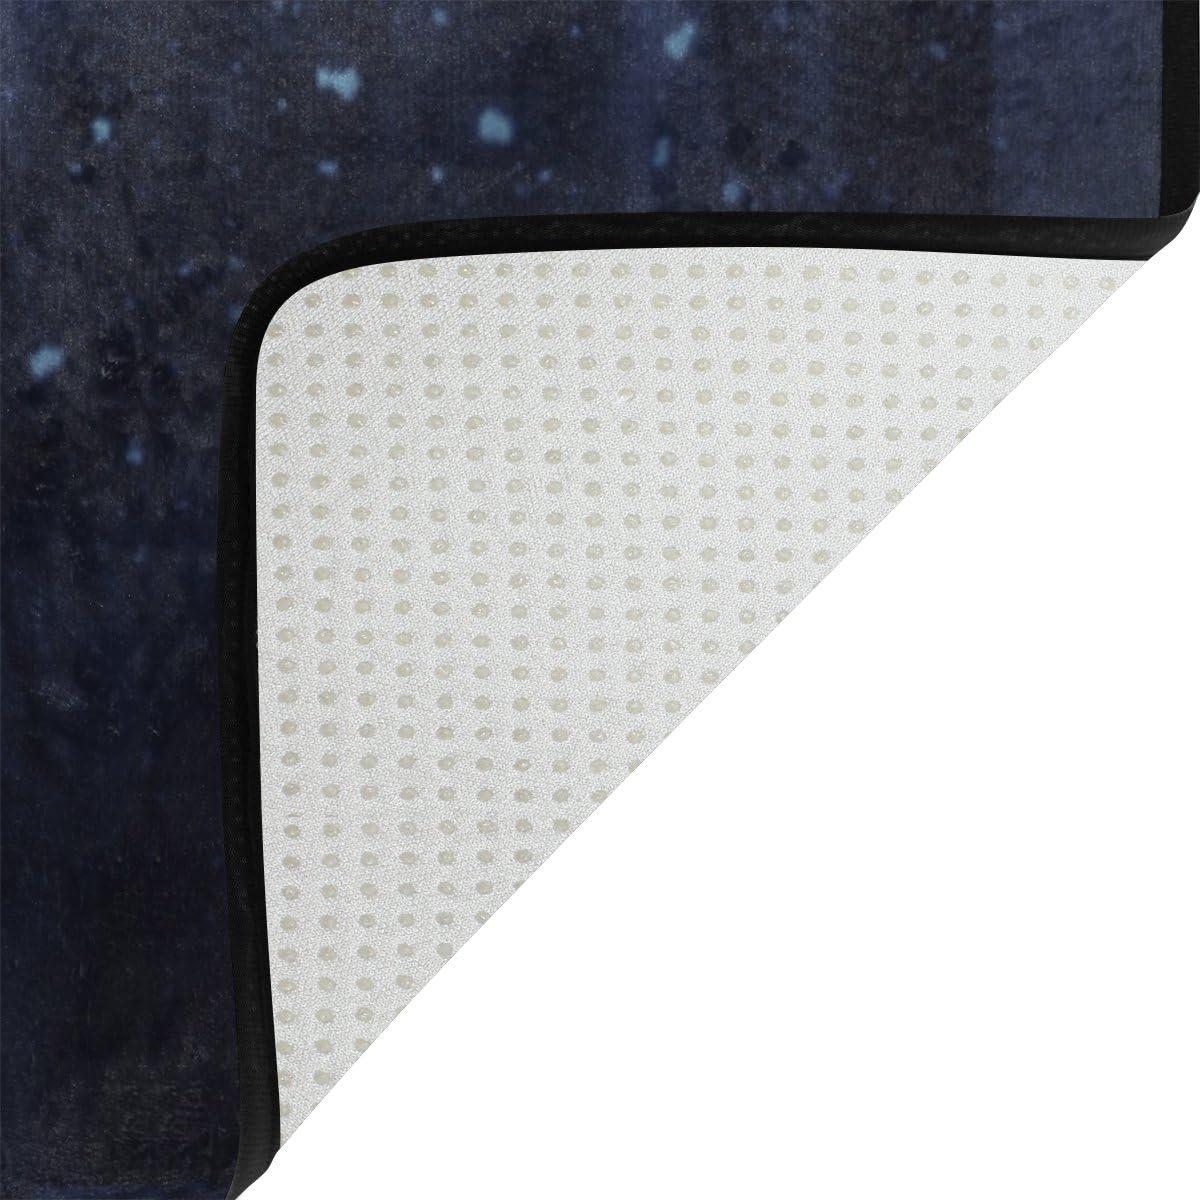 60 x 39 inch multicolore Coosun Loup For/êt Zone Tapis Moquette antid/érapant Tapis de sol Paillasson Salon Chambre /à coucher 152,4/x 99,1/cm Tissu